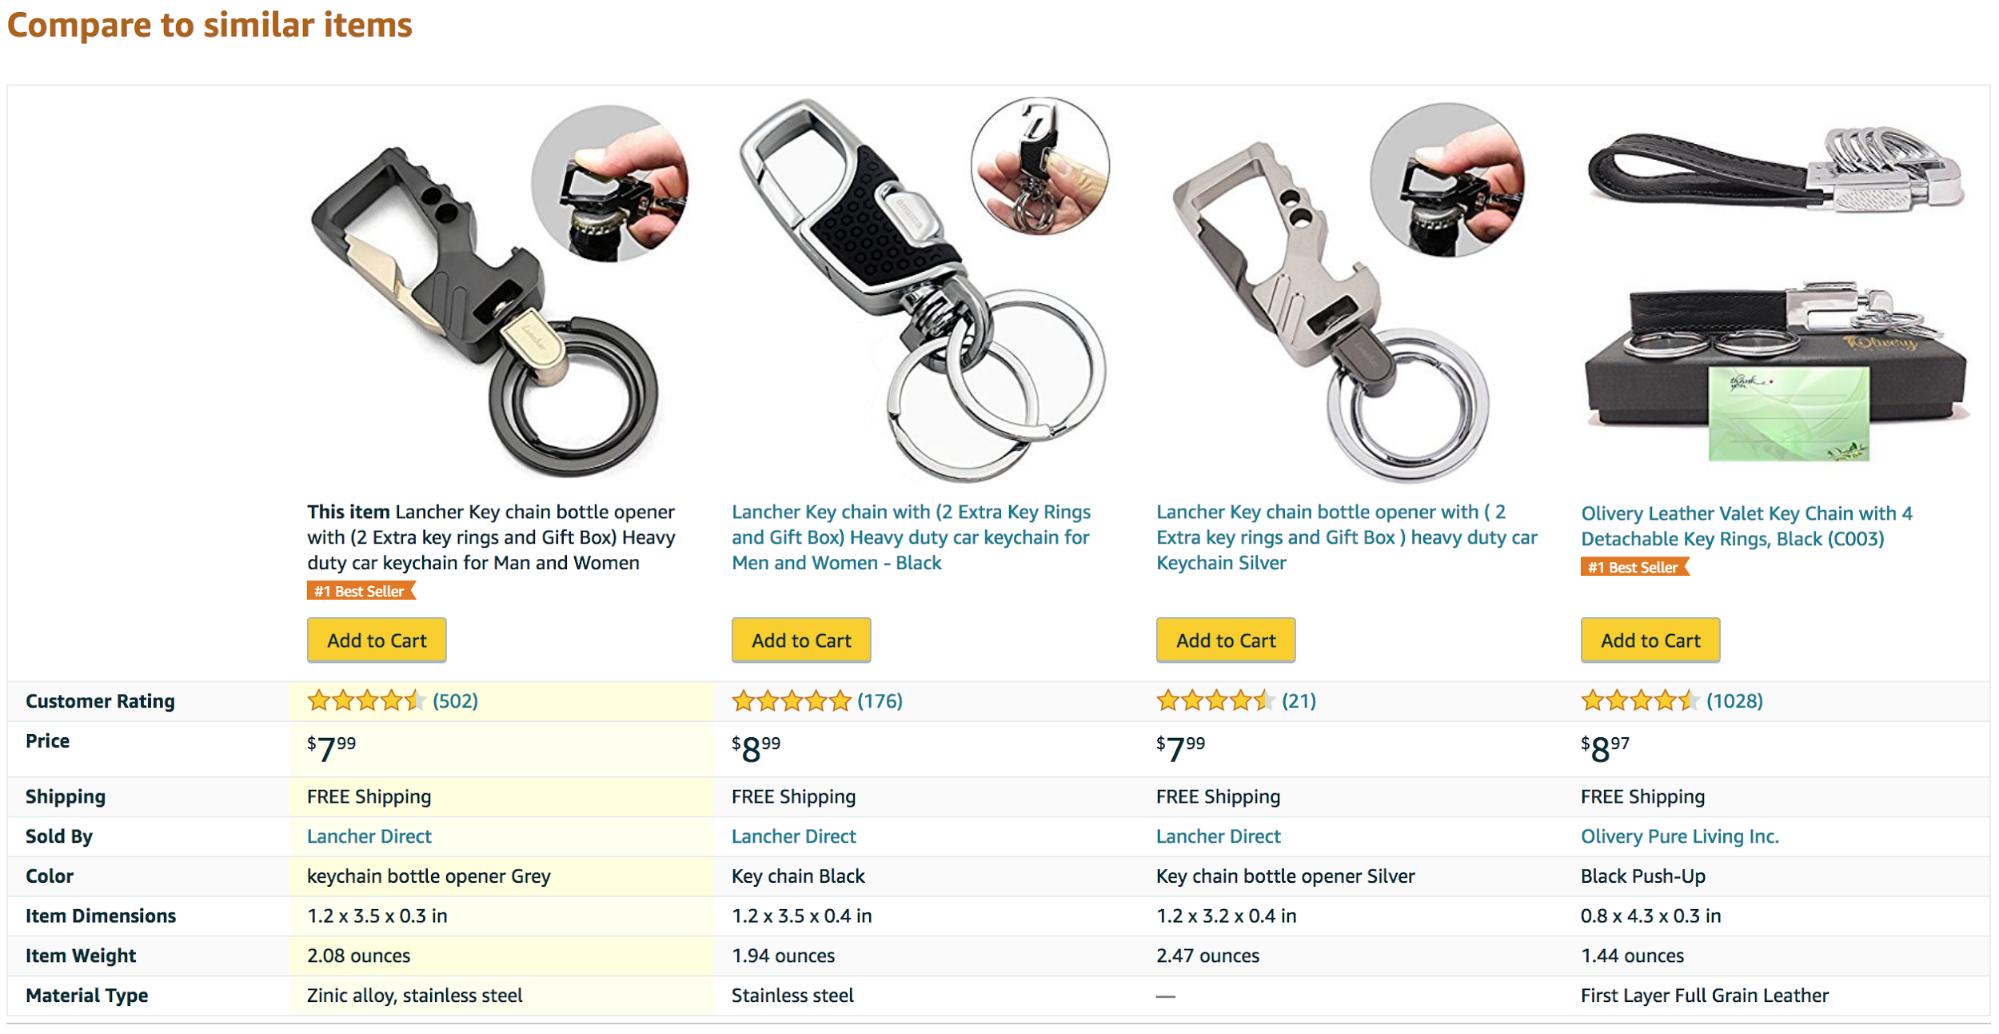 亚马逊商品页面的5大转化元素